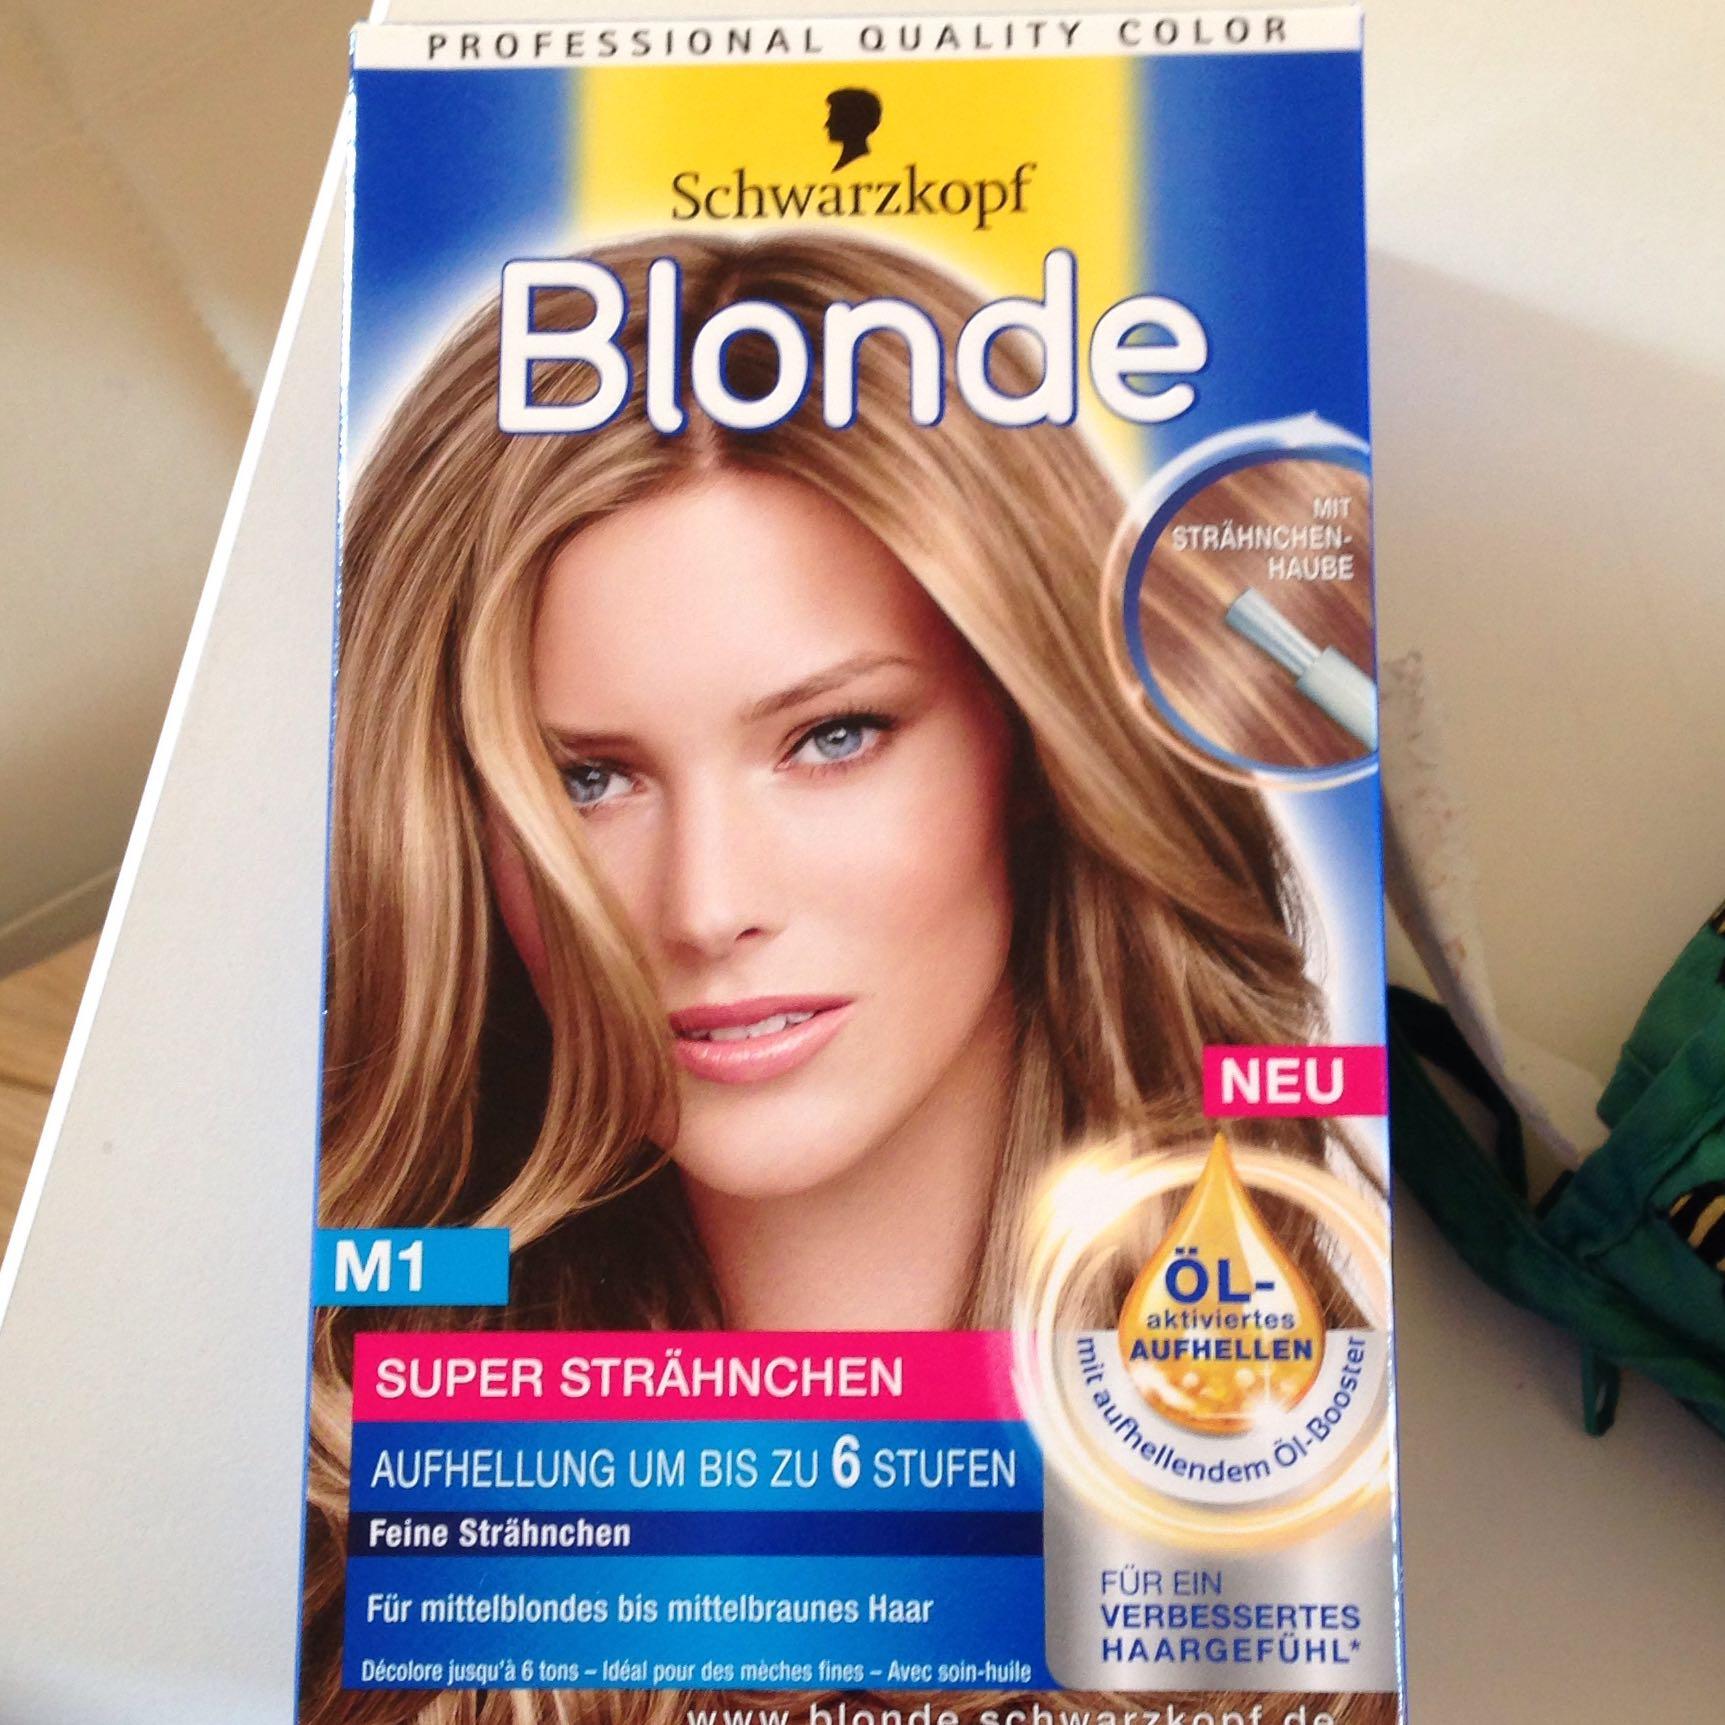 frage bez glich aufhellen haare kosmetik blond. Black Bedroom Furniture Sets. Home Design Ideas